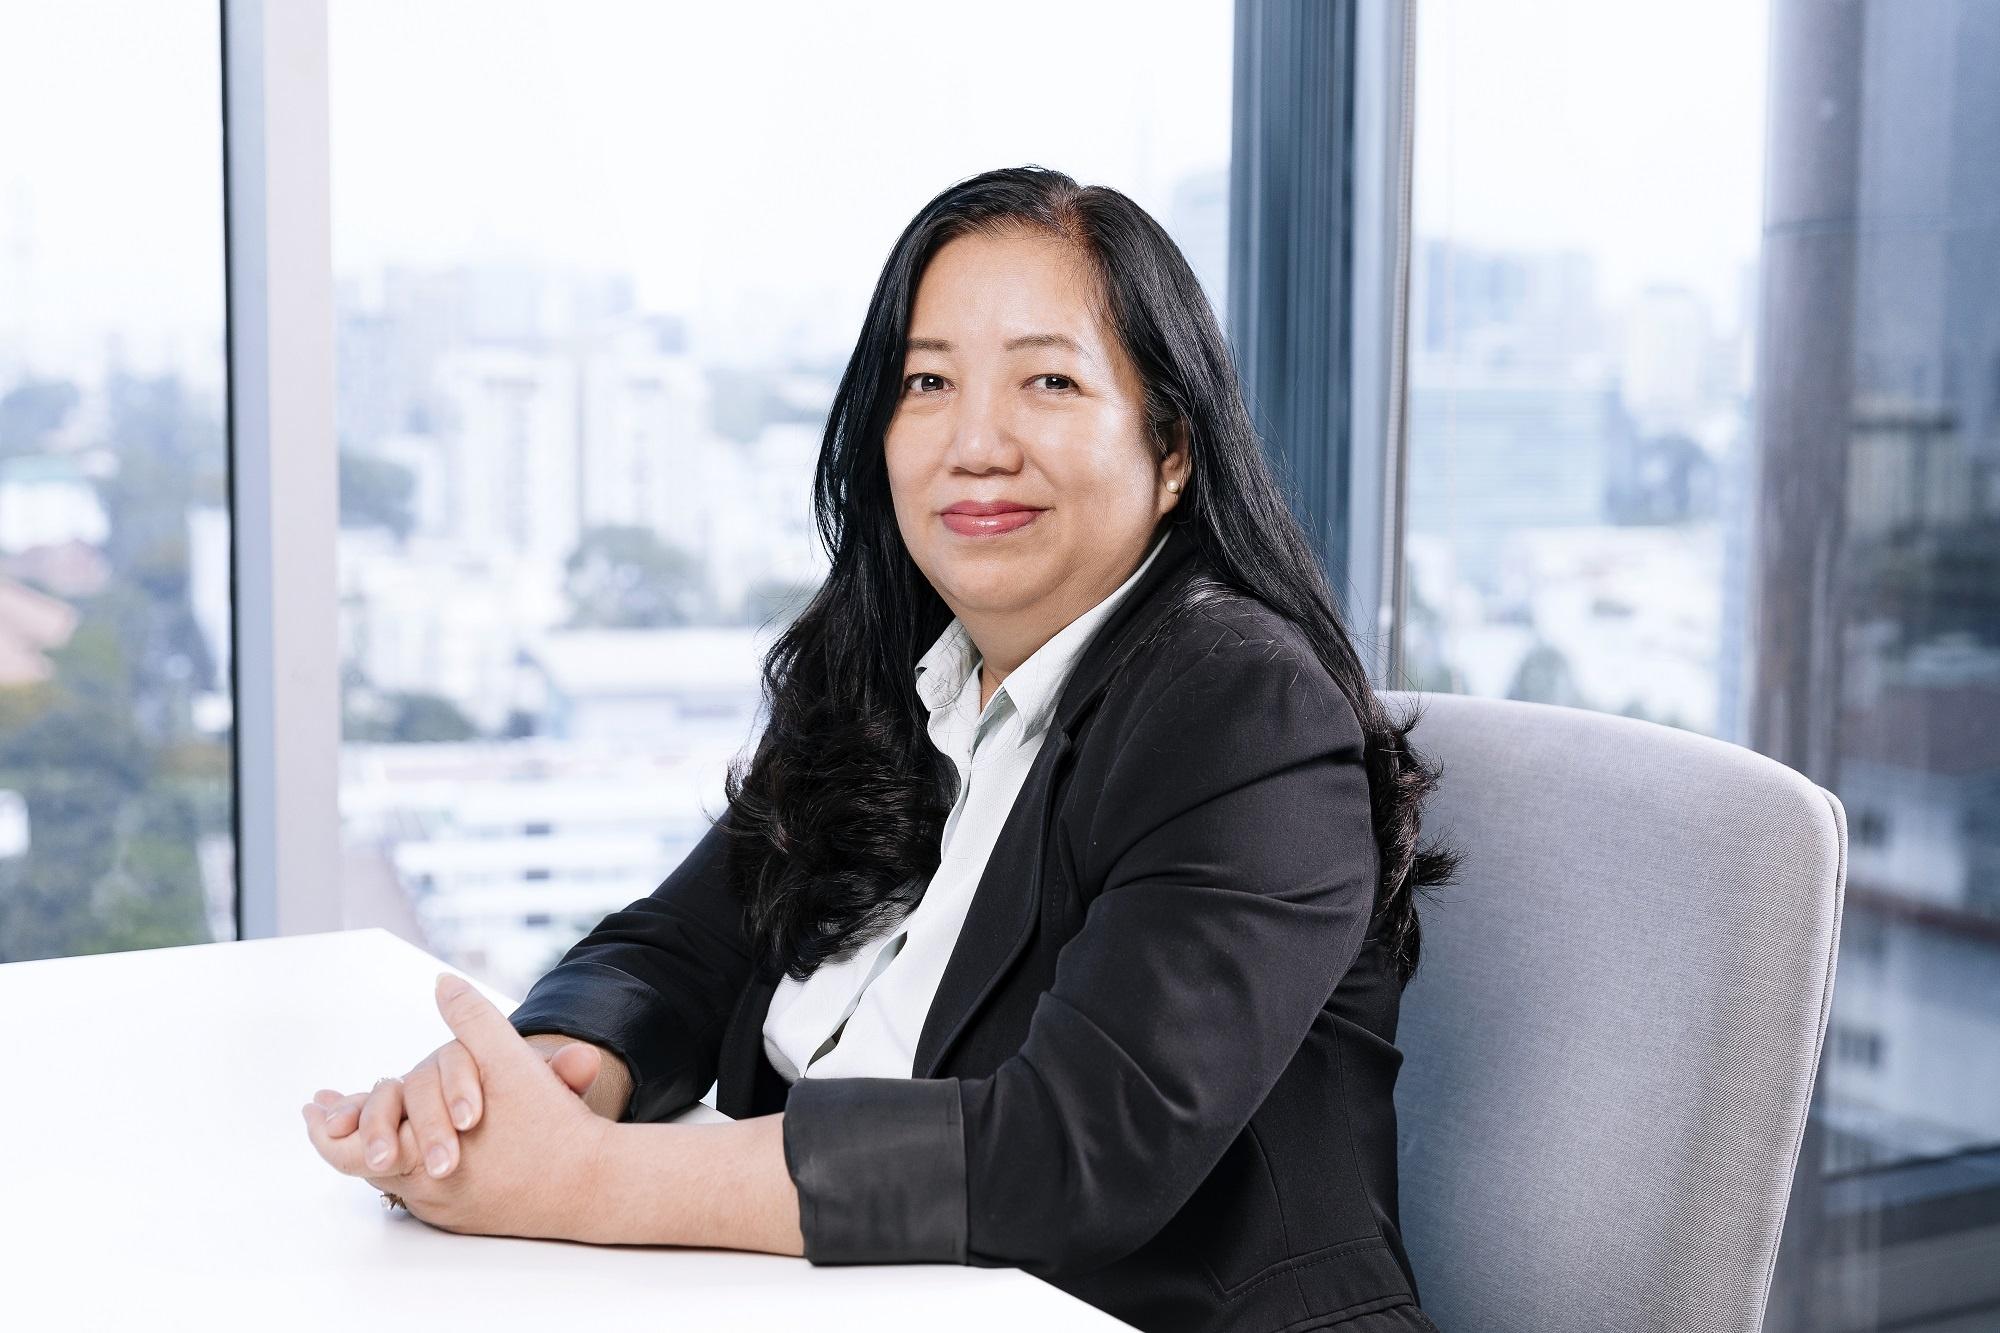 TGĐ Daikin Việt Nam – từ cô kỹ sư đến nữ tướng doanh nghiệp Nhật Cover 2